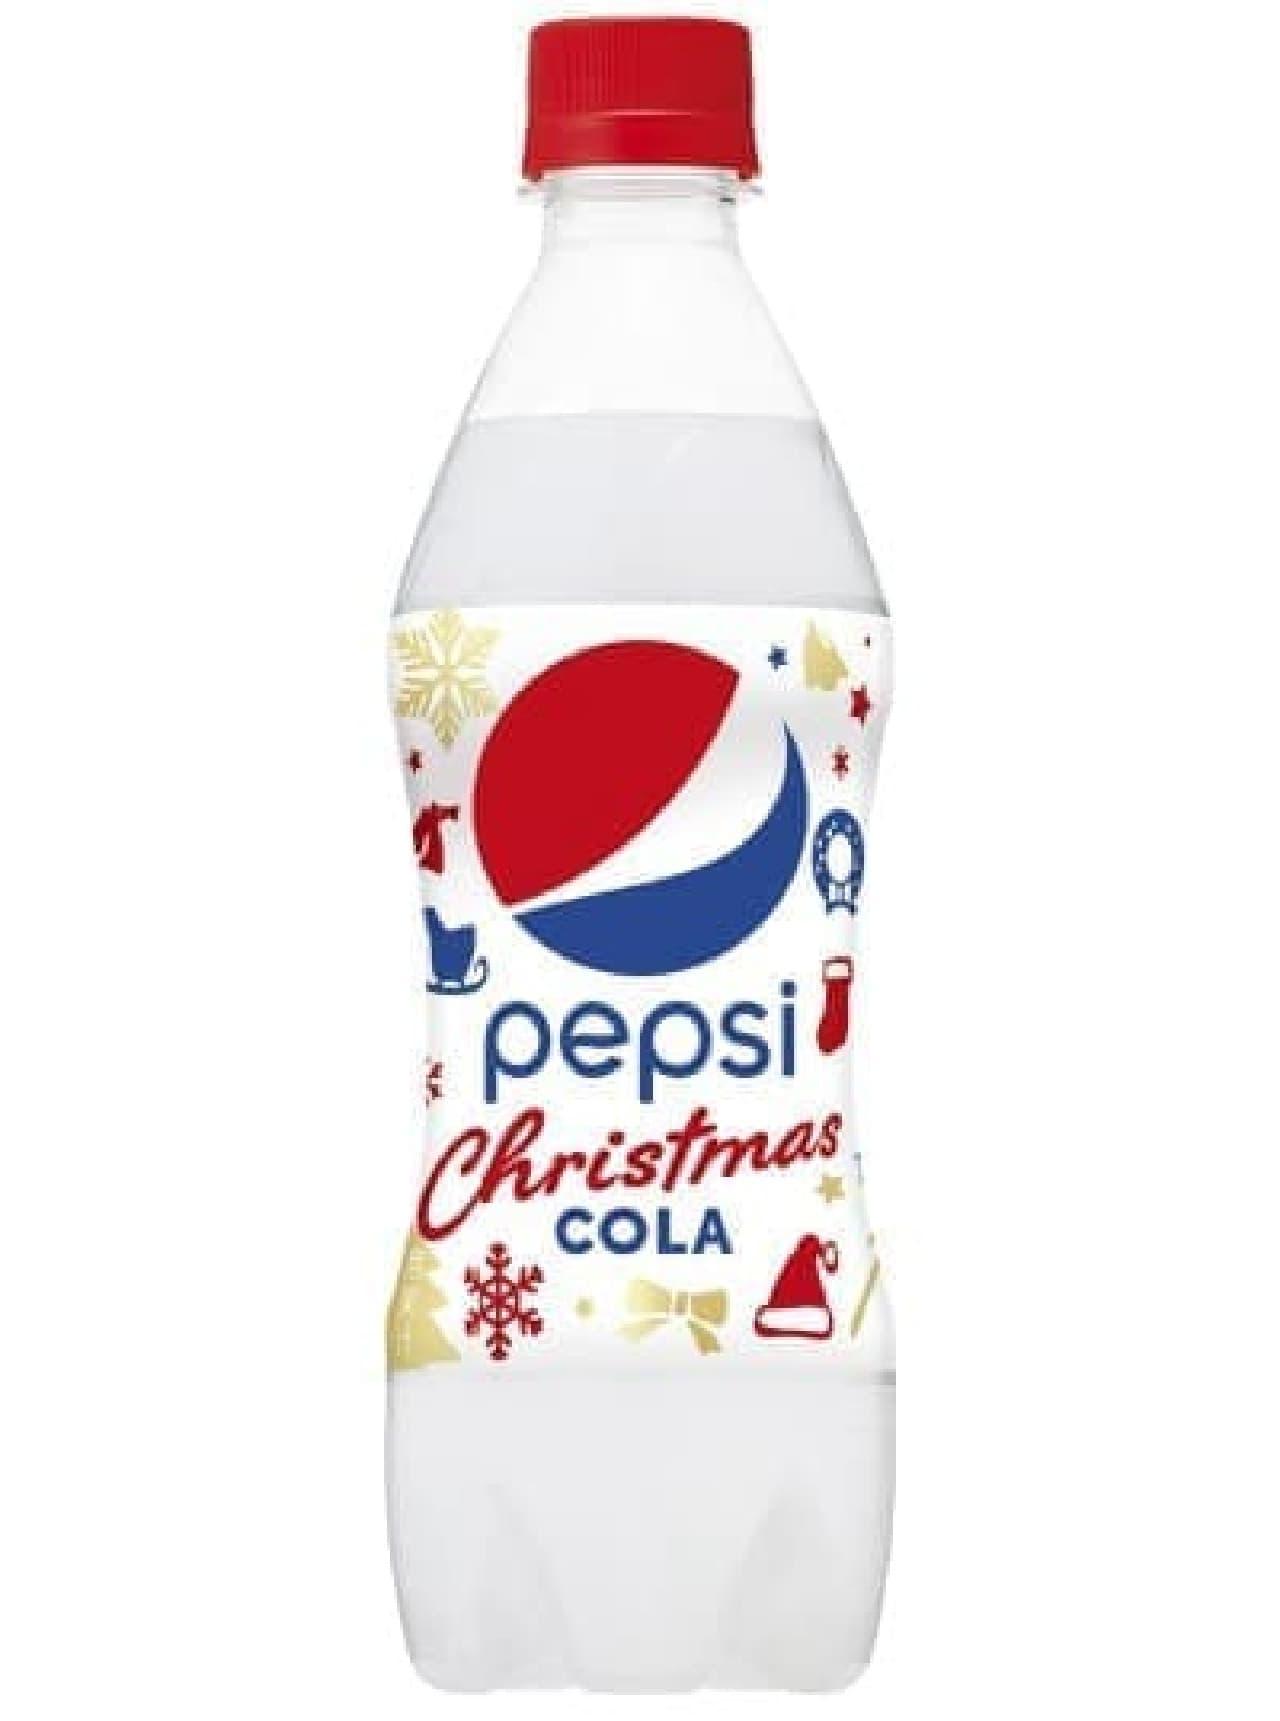 """""""クリスマスケーキ風味""""の白いコーラ「ペプシクリスマスコーラ」"""